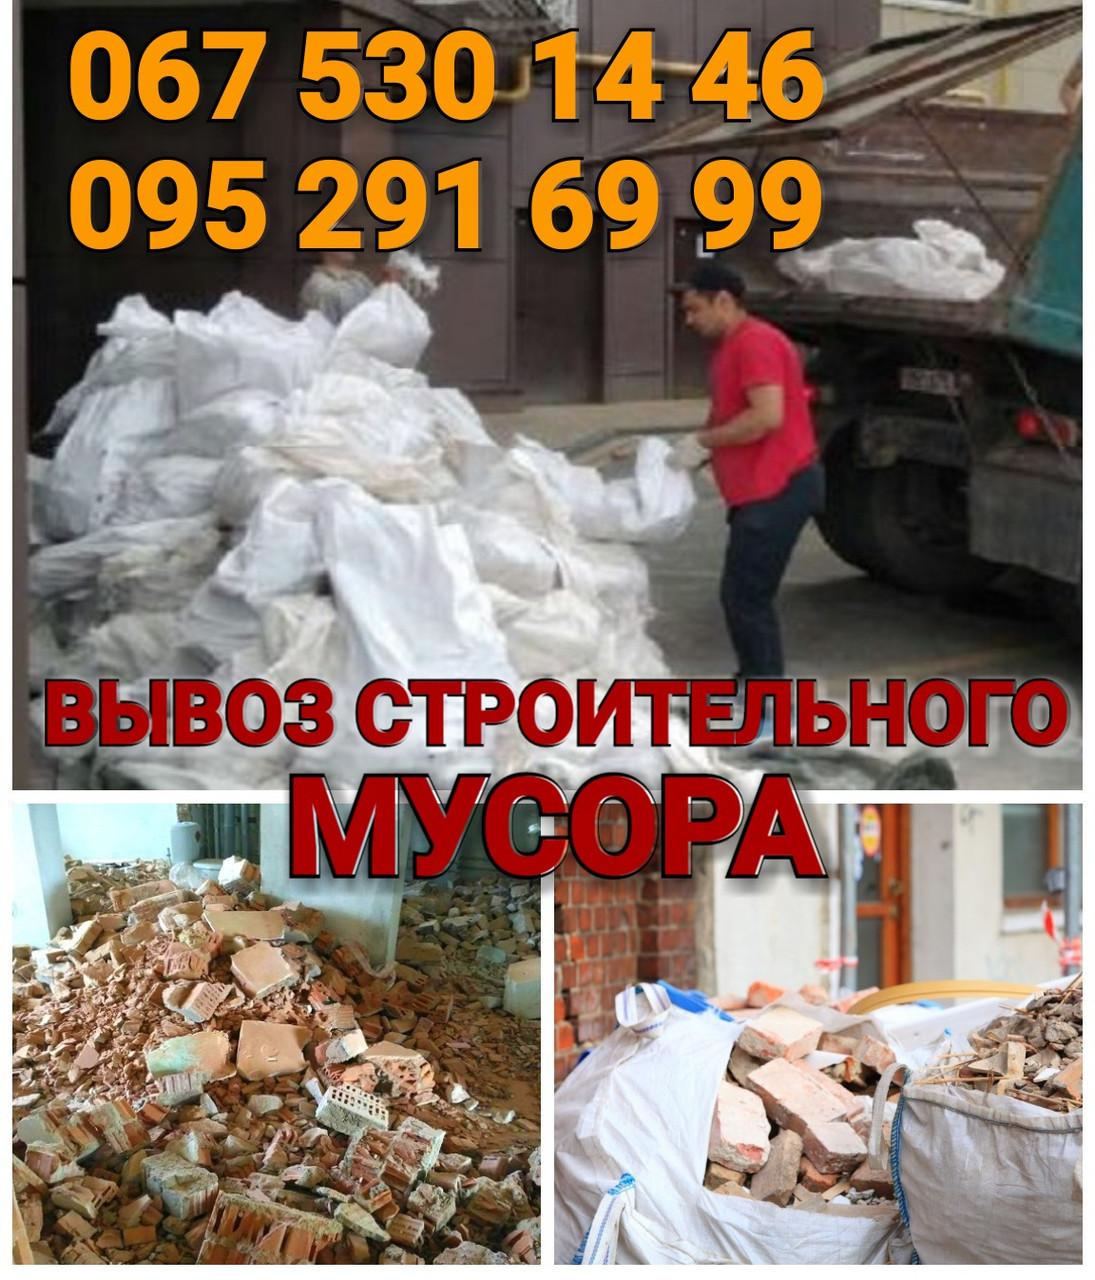 Вывоз строительного мусора в Кропивницком с грузчиками. Вывезти строймусор с погрузкой Кировоград